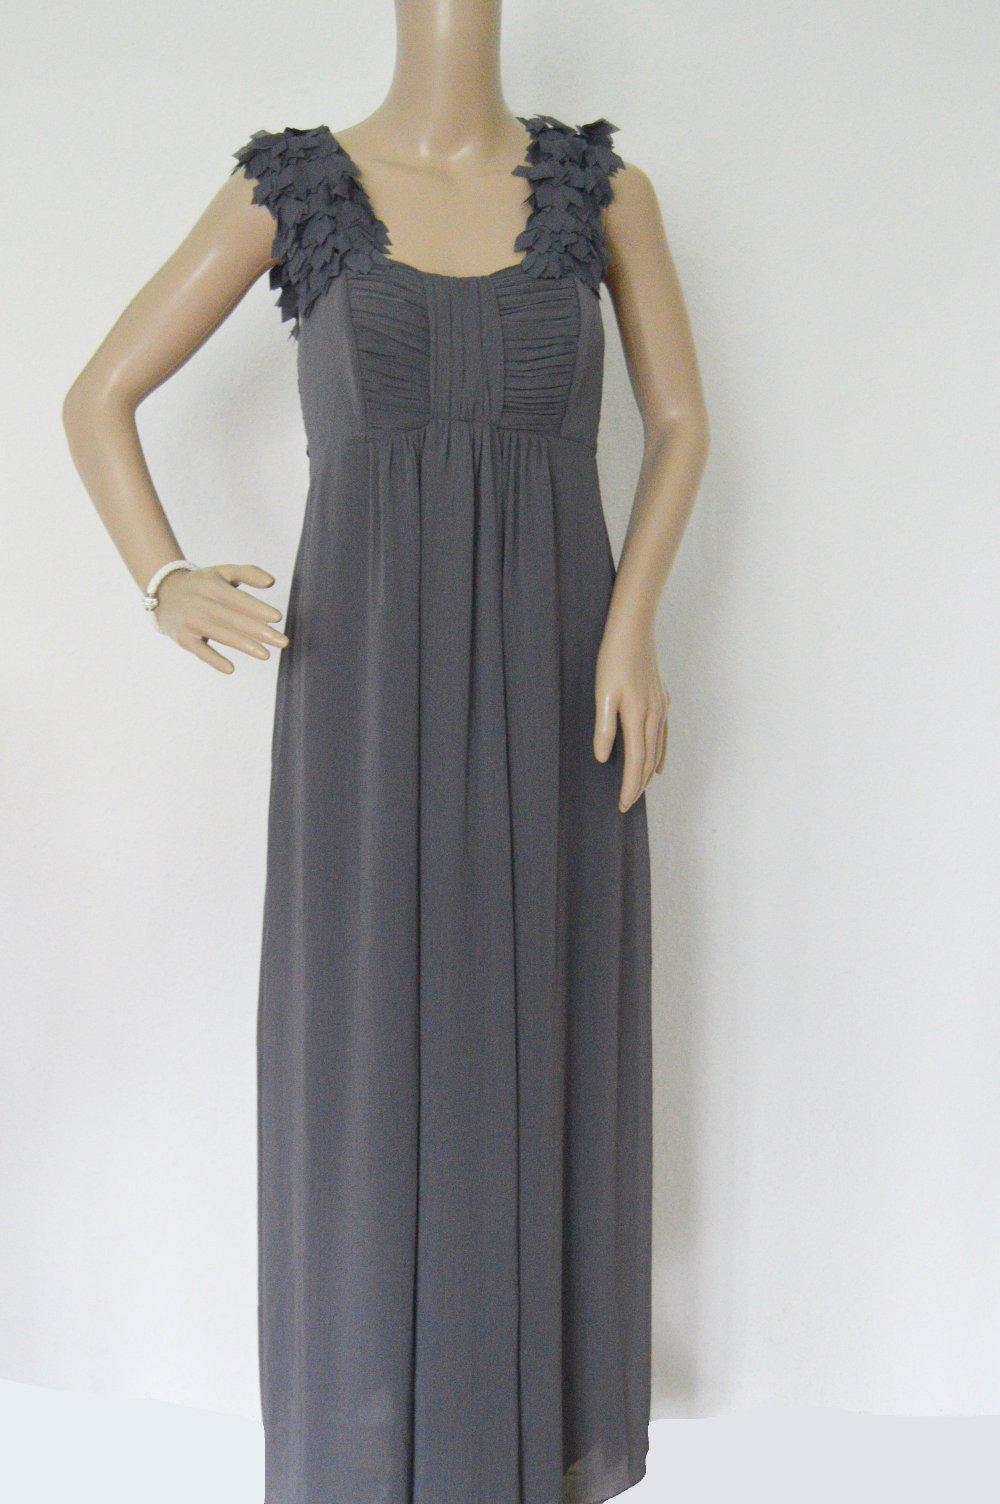 Glamrosa Abendkleid Kleid gr.11 grau lang